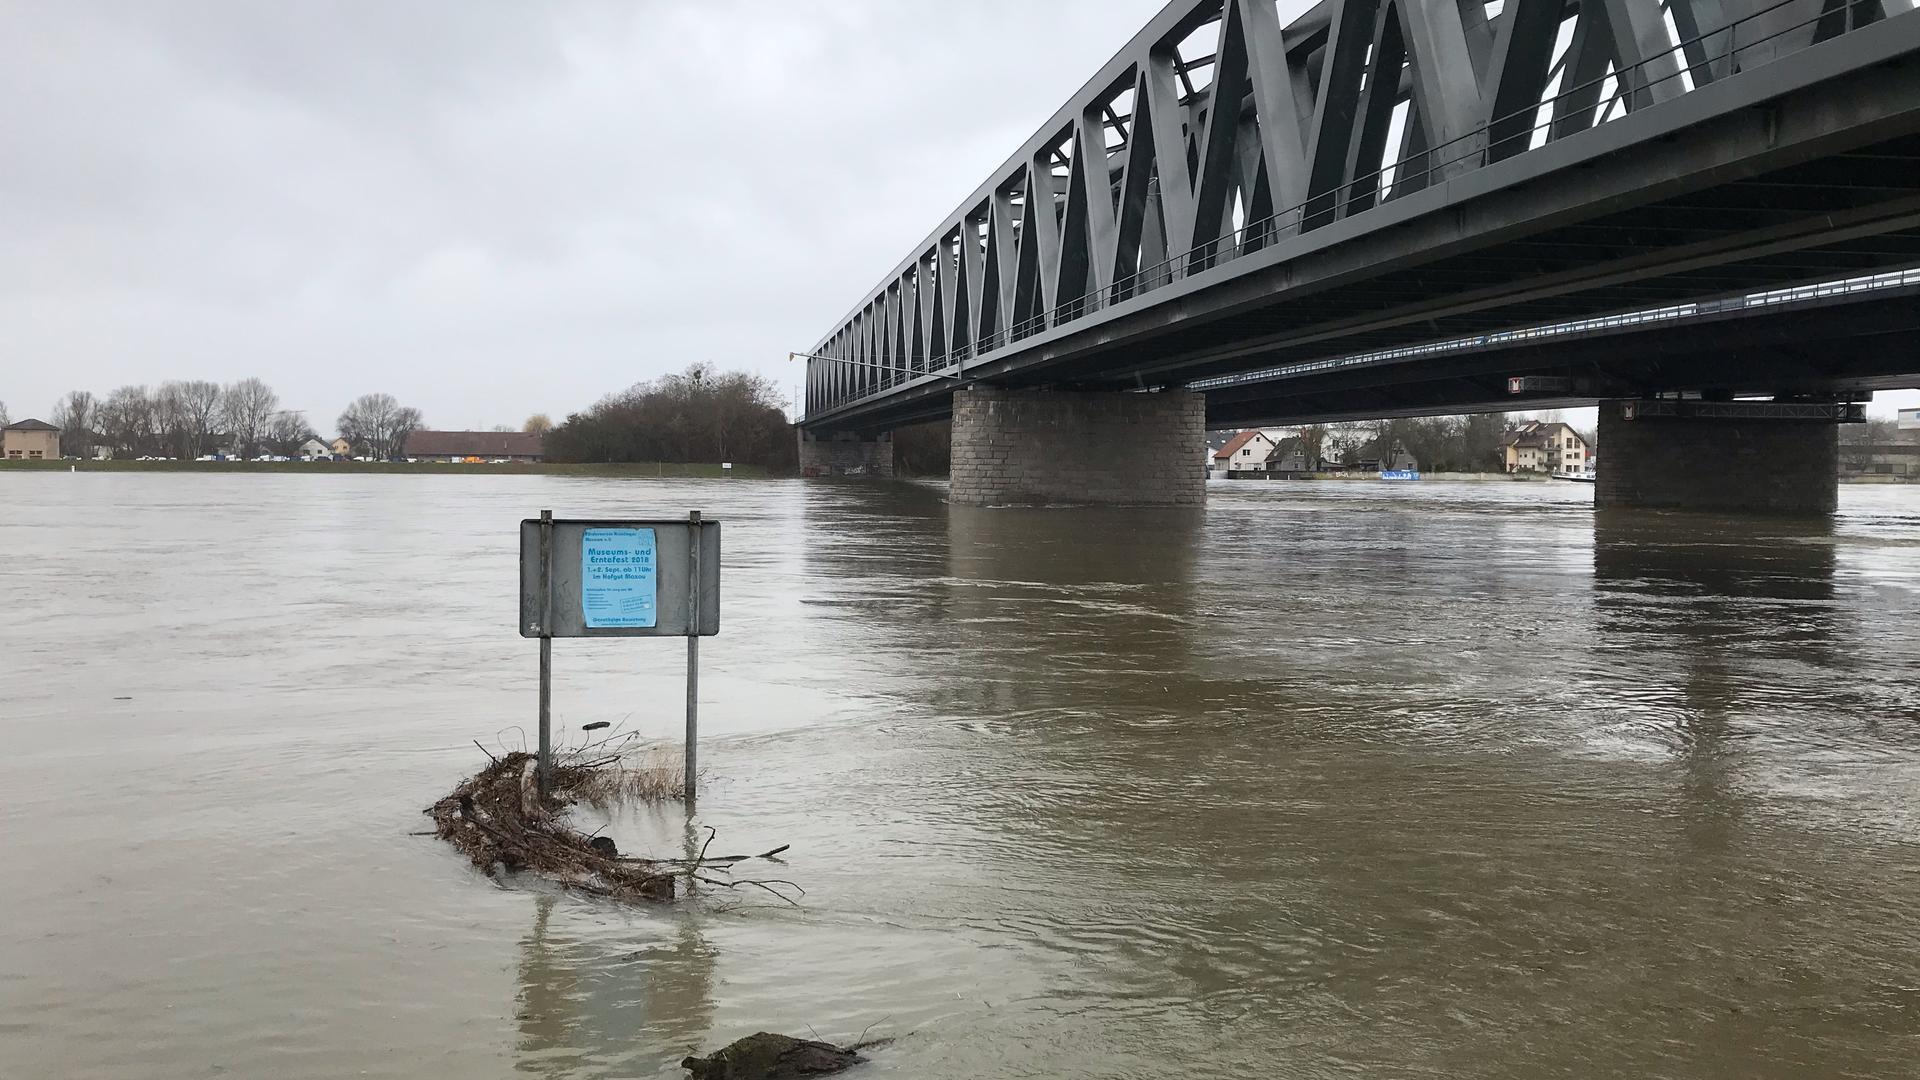 Hochwasser des Rhein an der Rheinbrücke Maxau in Karlsruhe.